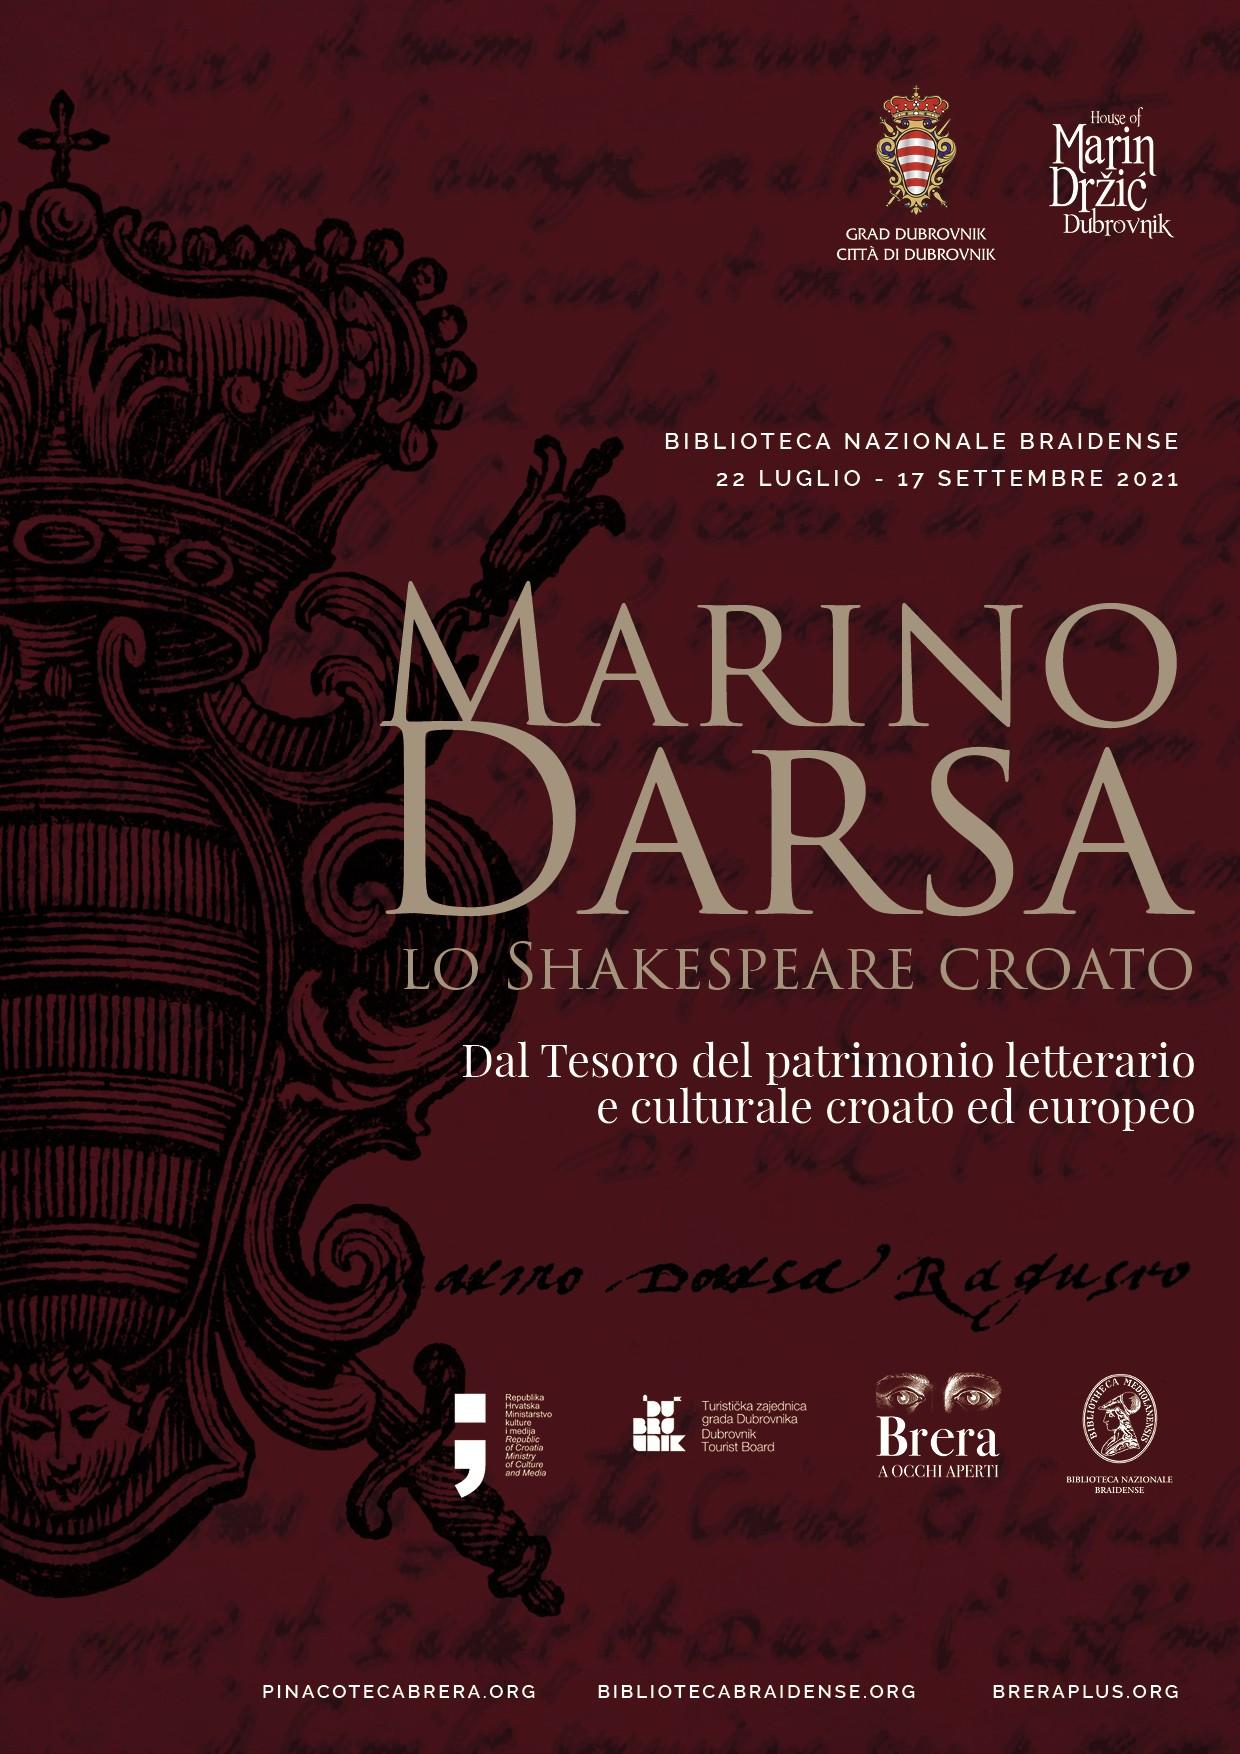 Marin Držić – hrvatski Shakespeare: iz riznice hrvatske i europske književne i kulturne baštine